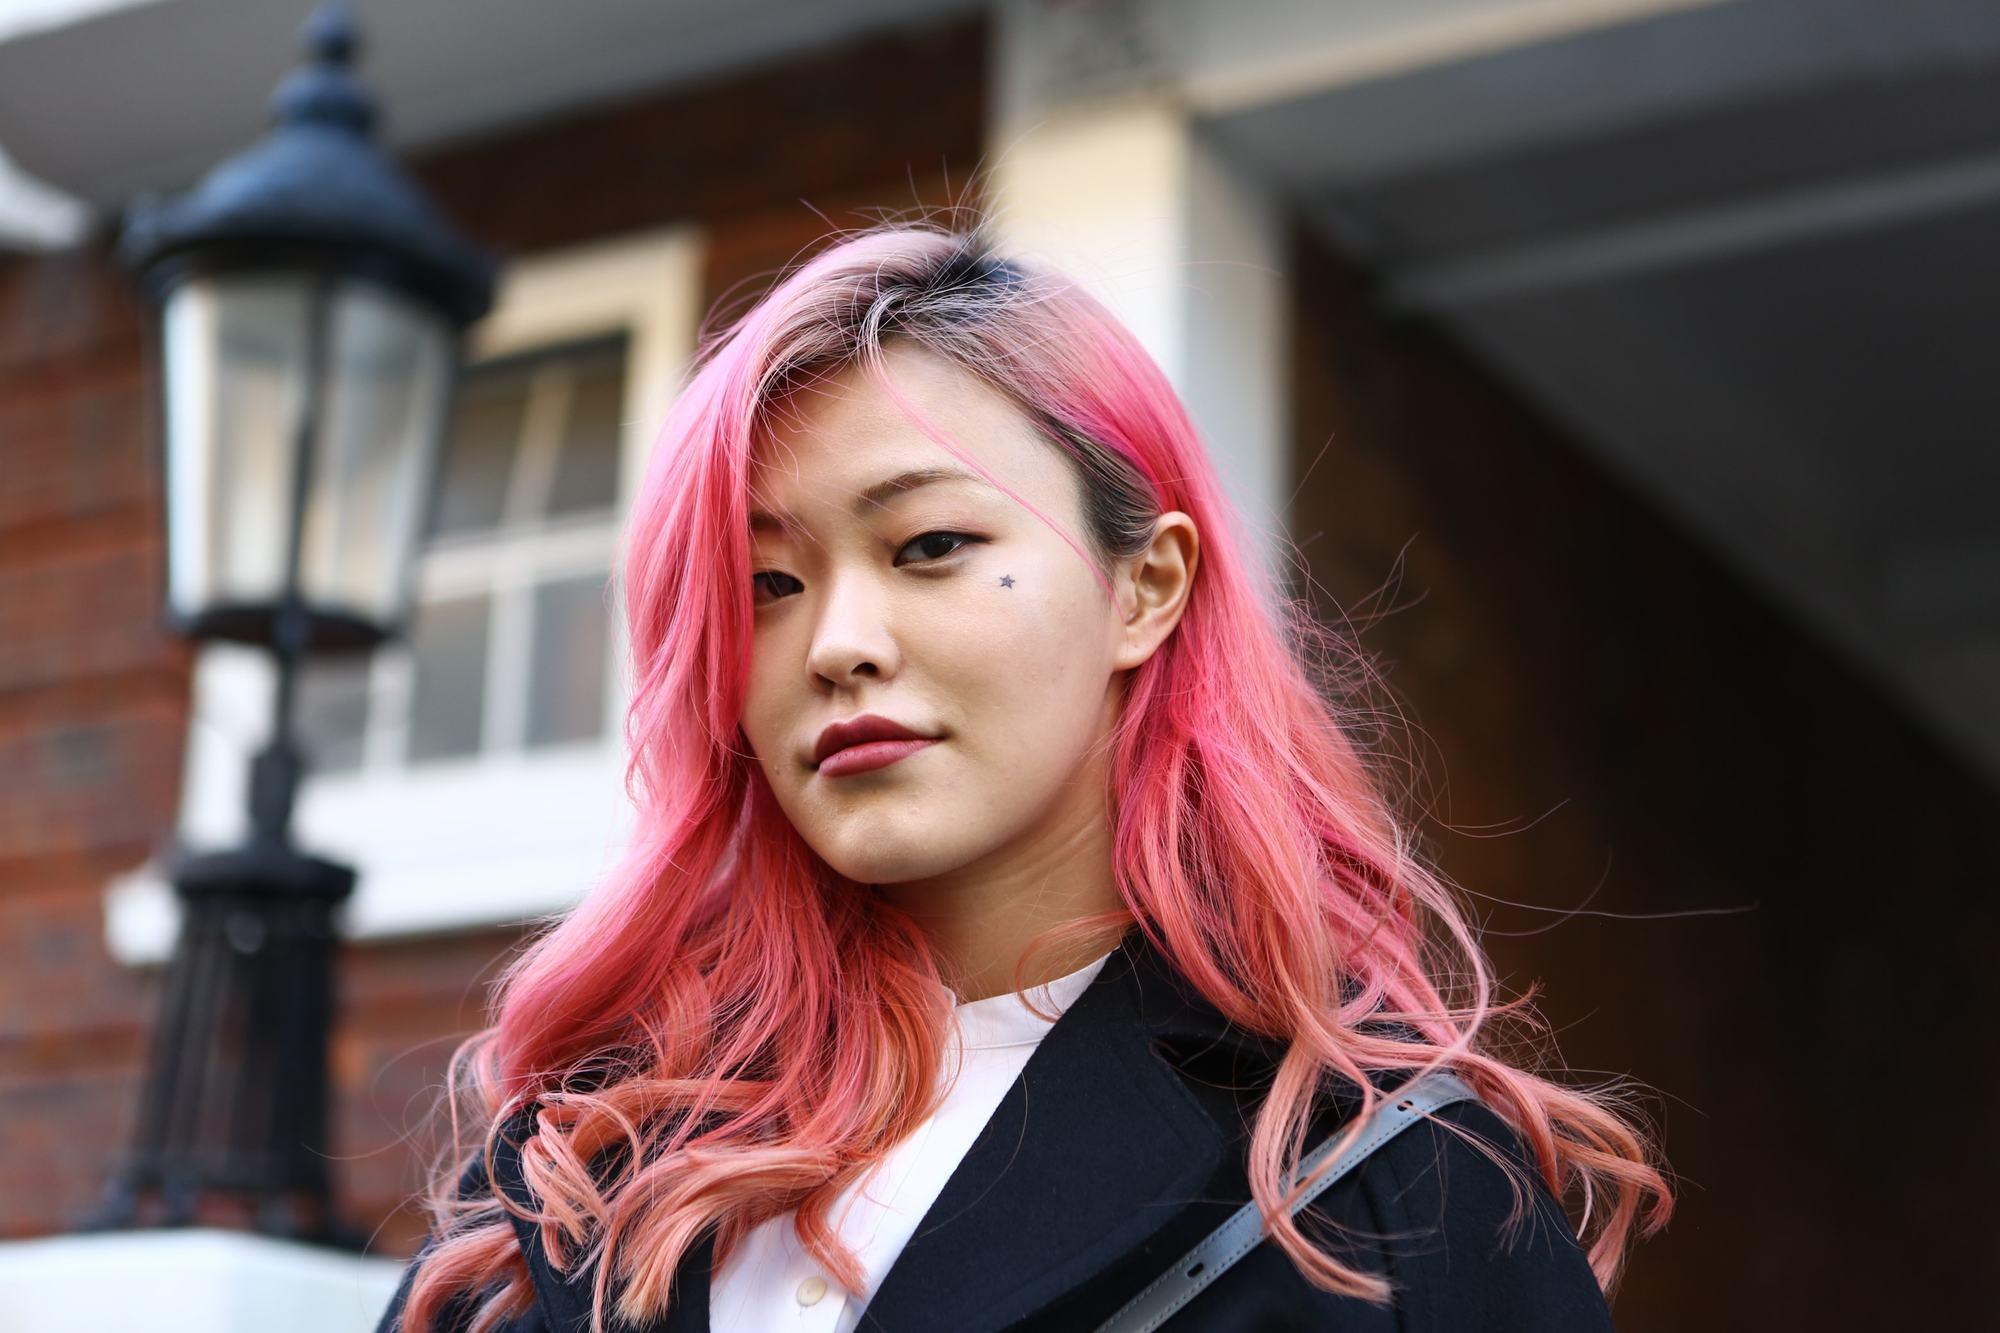 Fille asiatique aux cheveux roses teints se tenant à l'extérieur